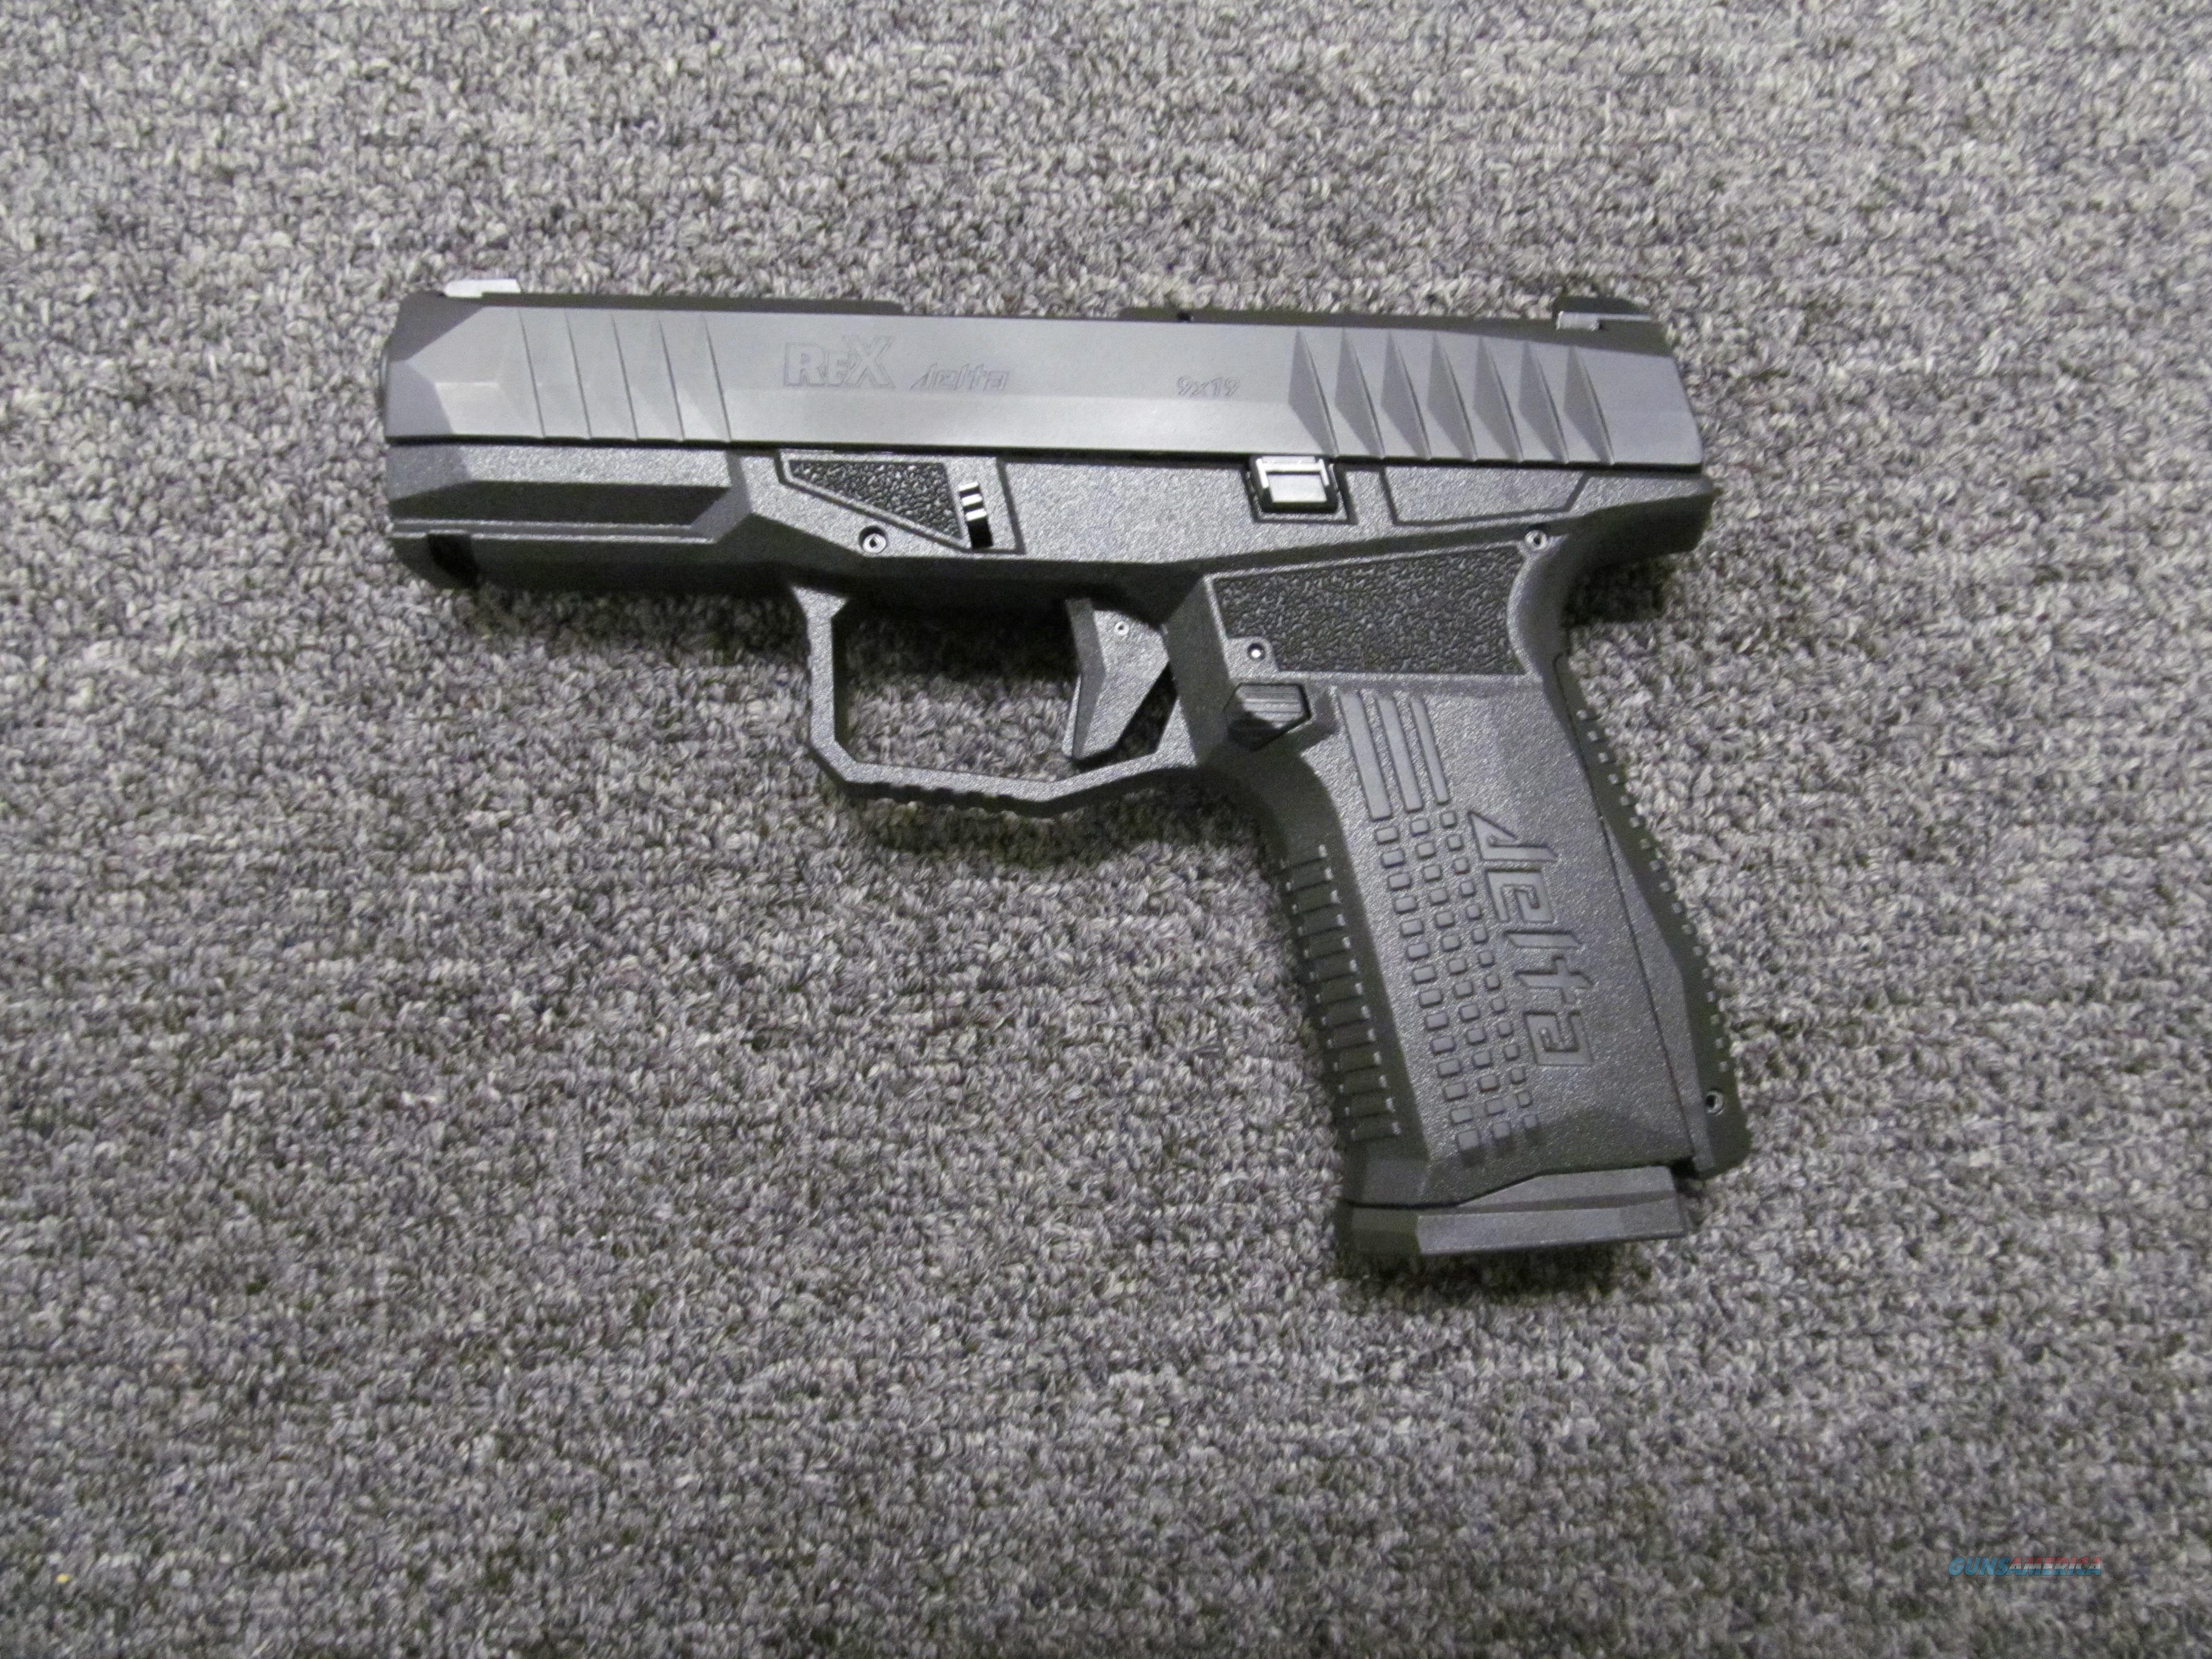 Arex/FIME Group Rex Delta 9mm   Guns > Pistols > FIME Group Pistols > Rex Zero 1